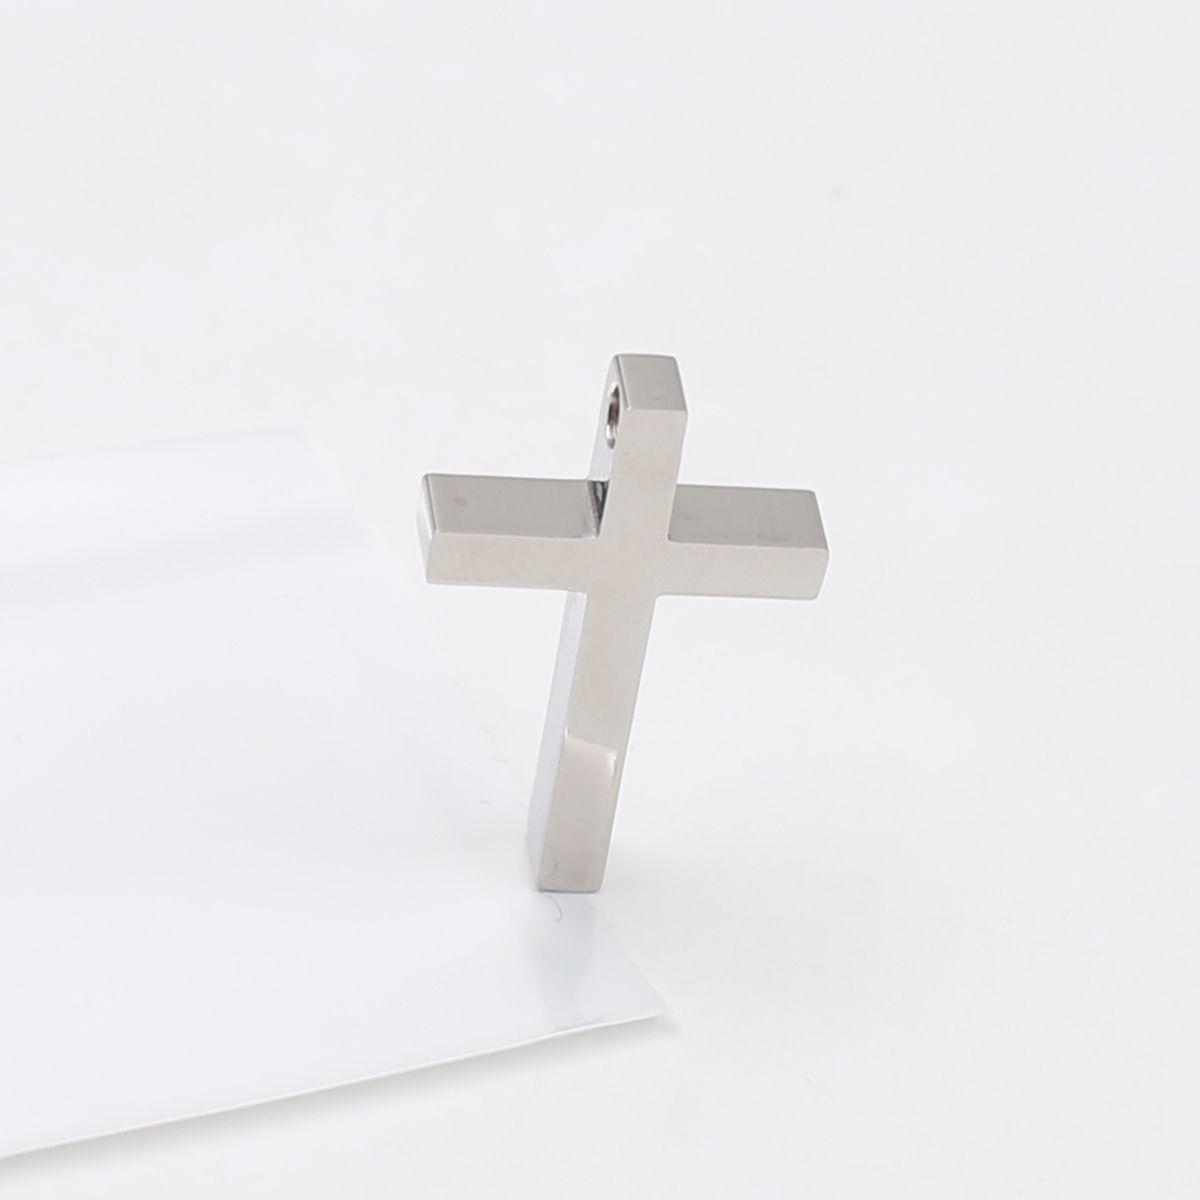 Haut pendentif symbole de croix religieuse religieux en acier inoxydable poli avec chaîne 24 pouces pour les hommes woemn